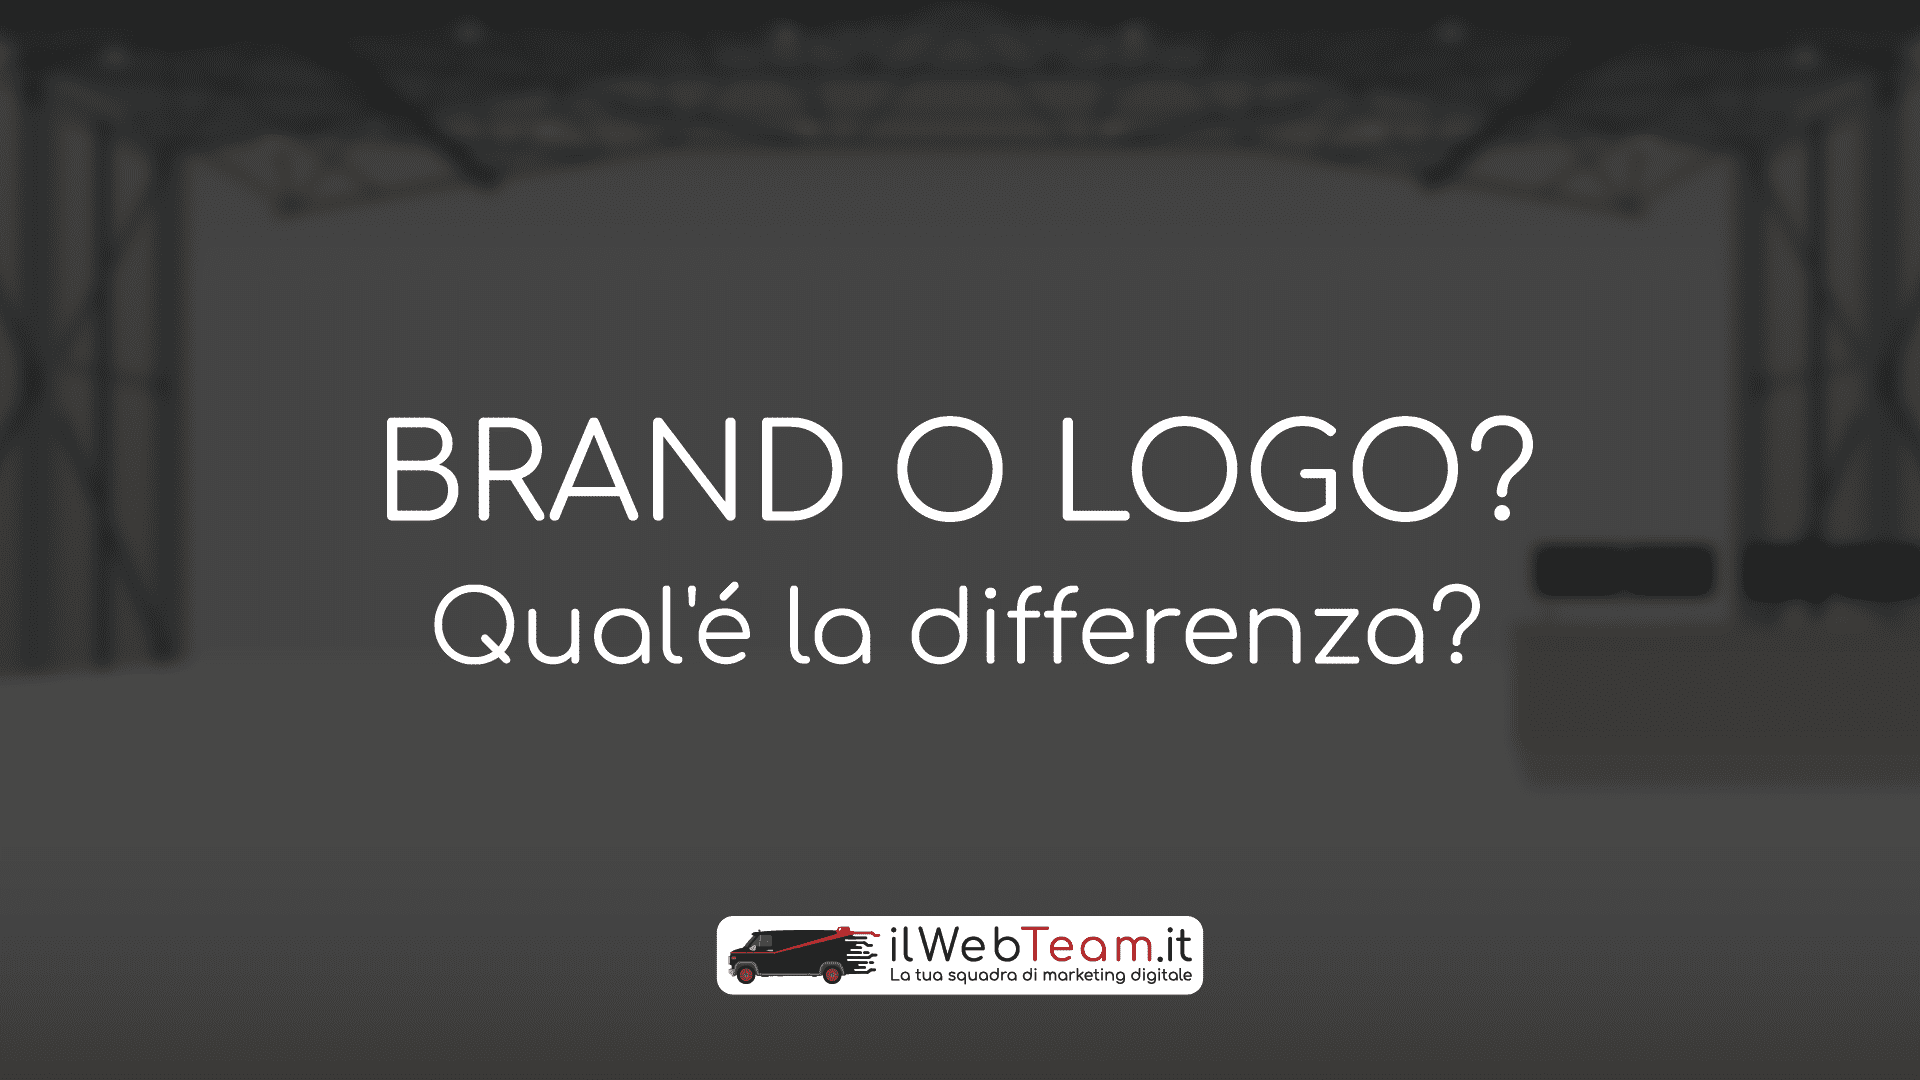 Brand o logo?